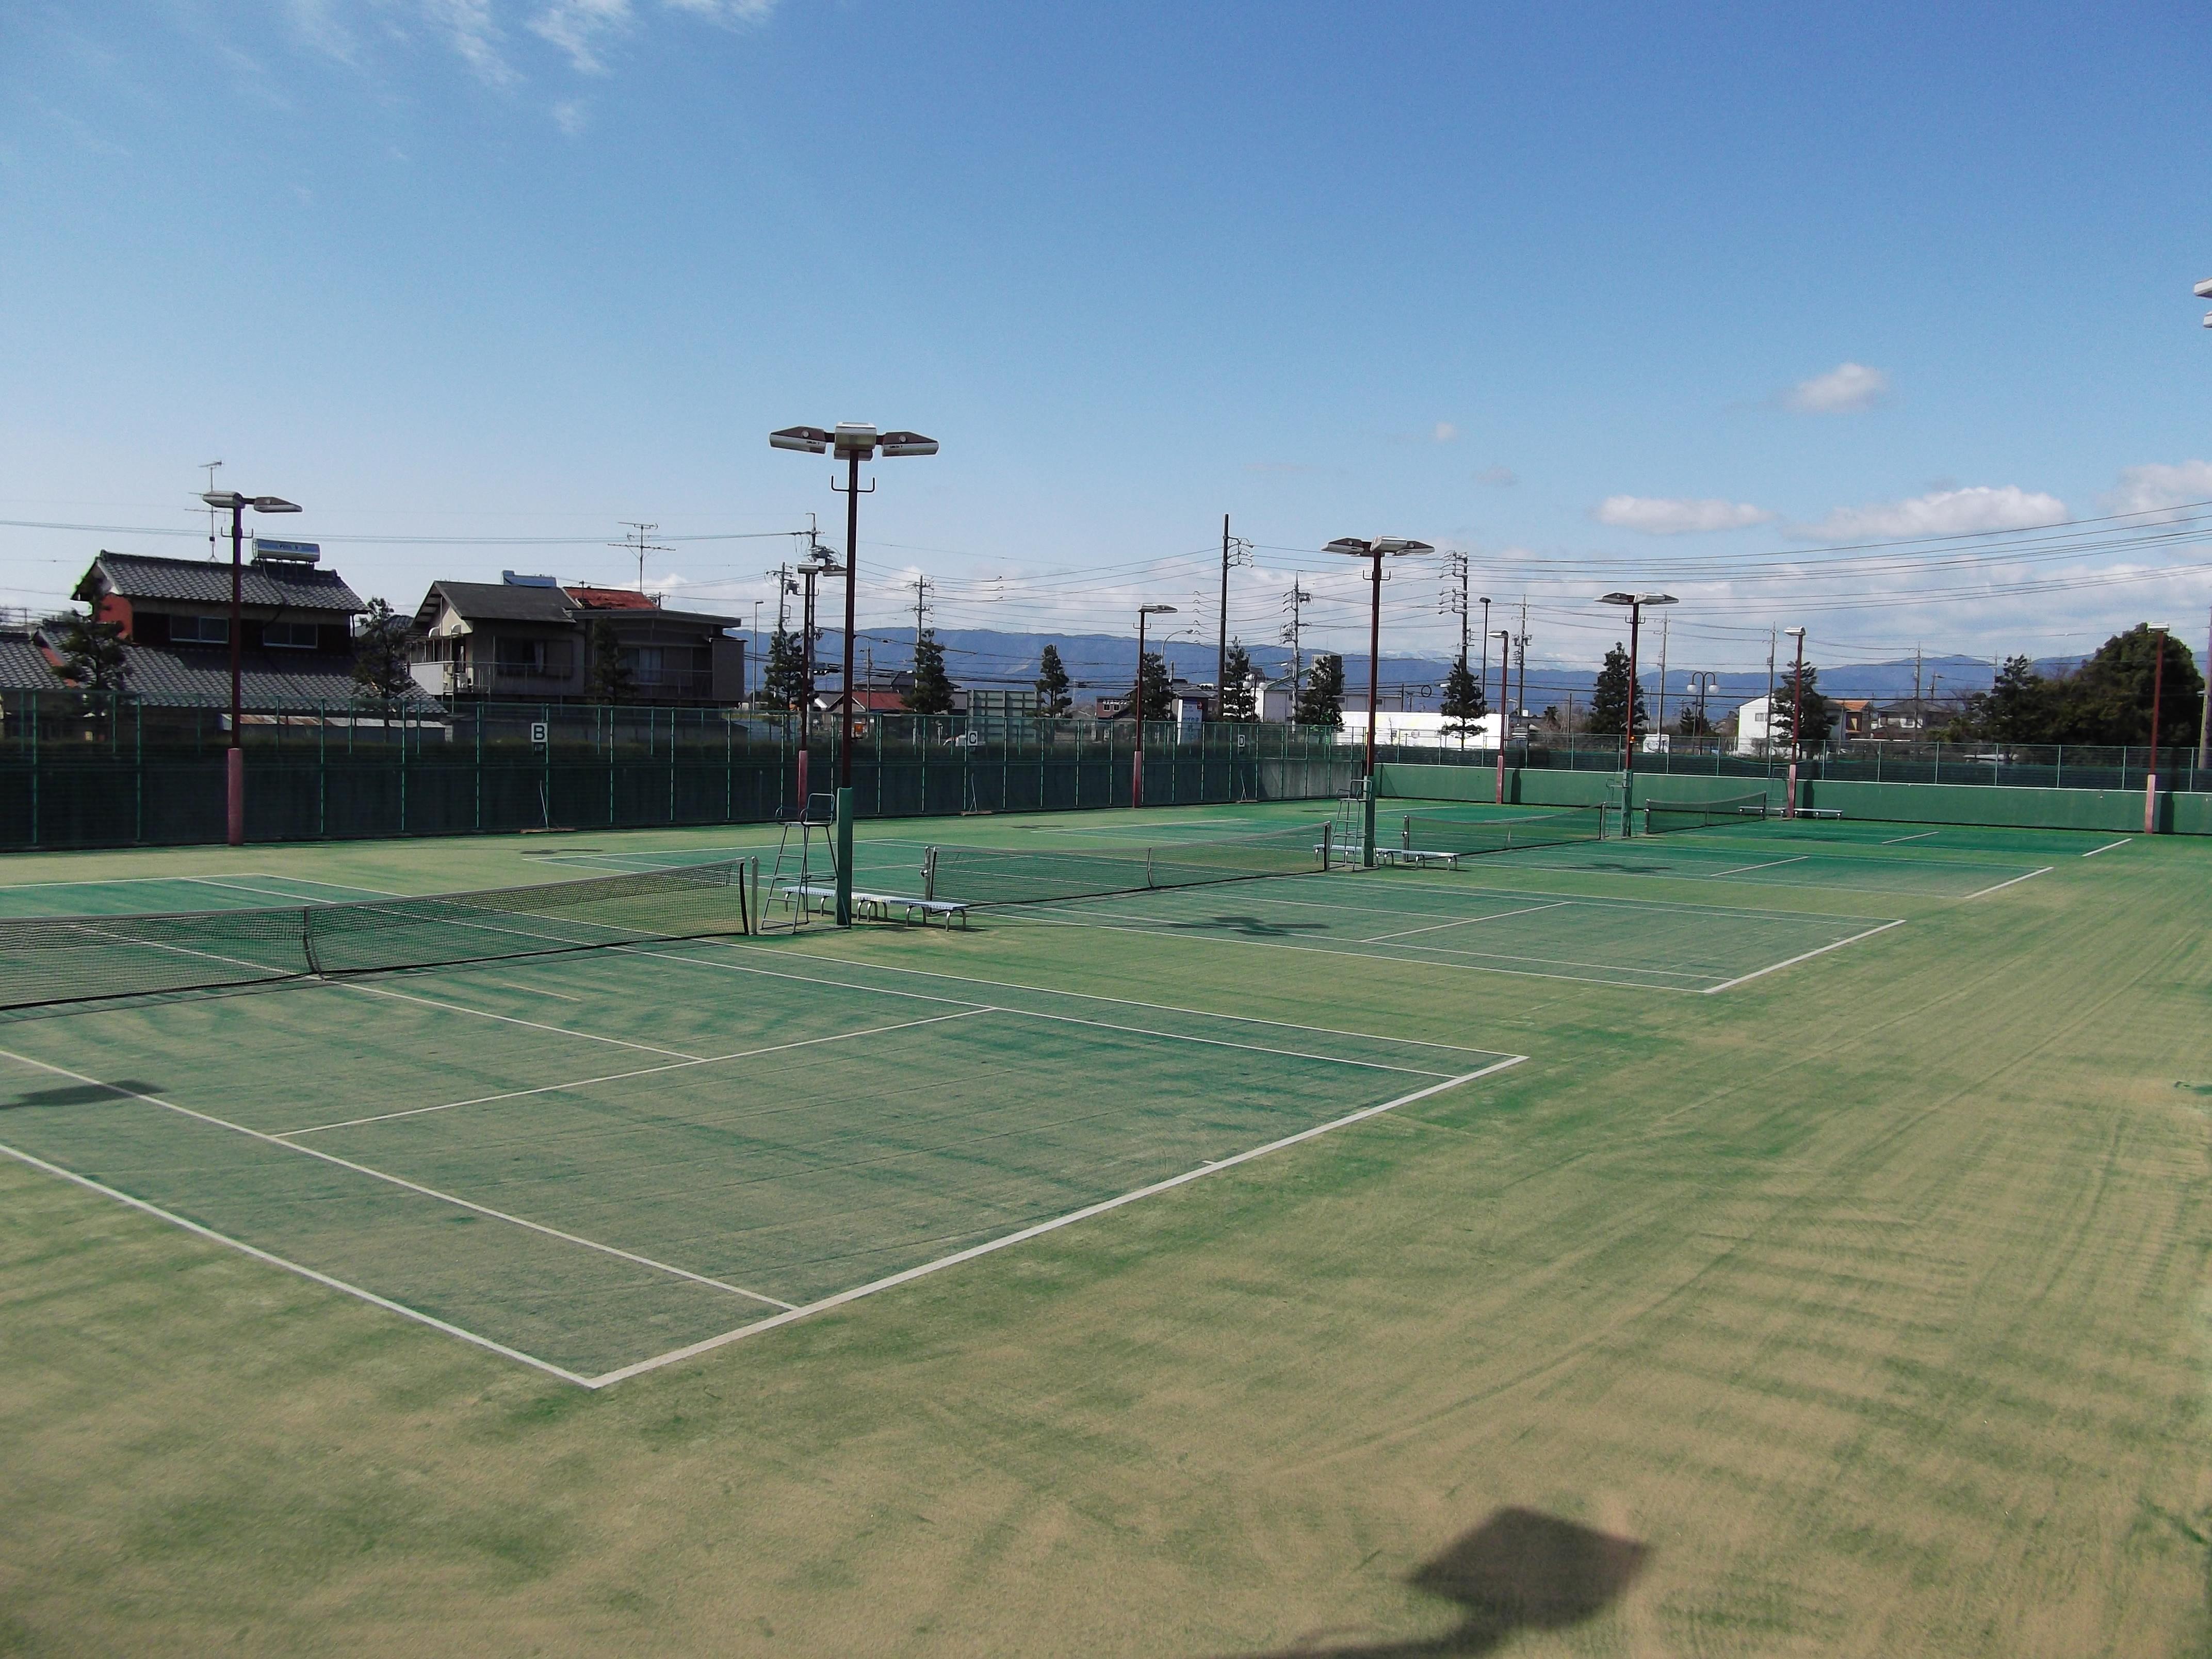 稲沢市祖父江の森テニスコート:砂入り人工芝(ナイロン) 平成23年3月